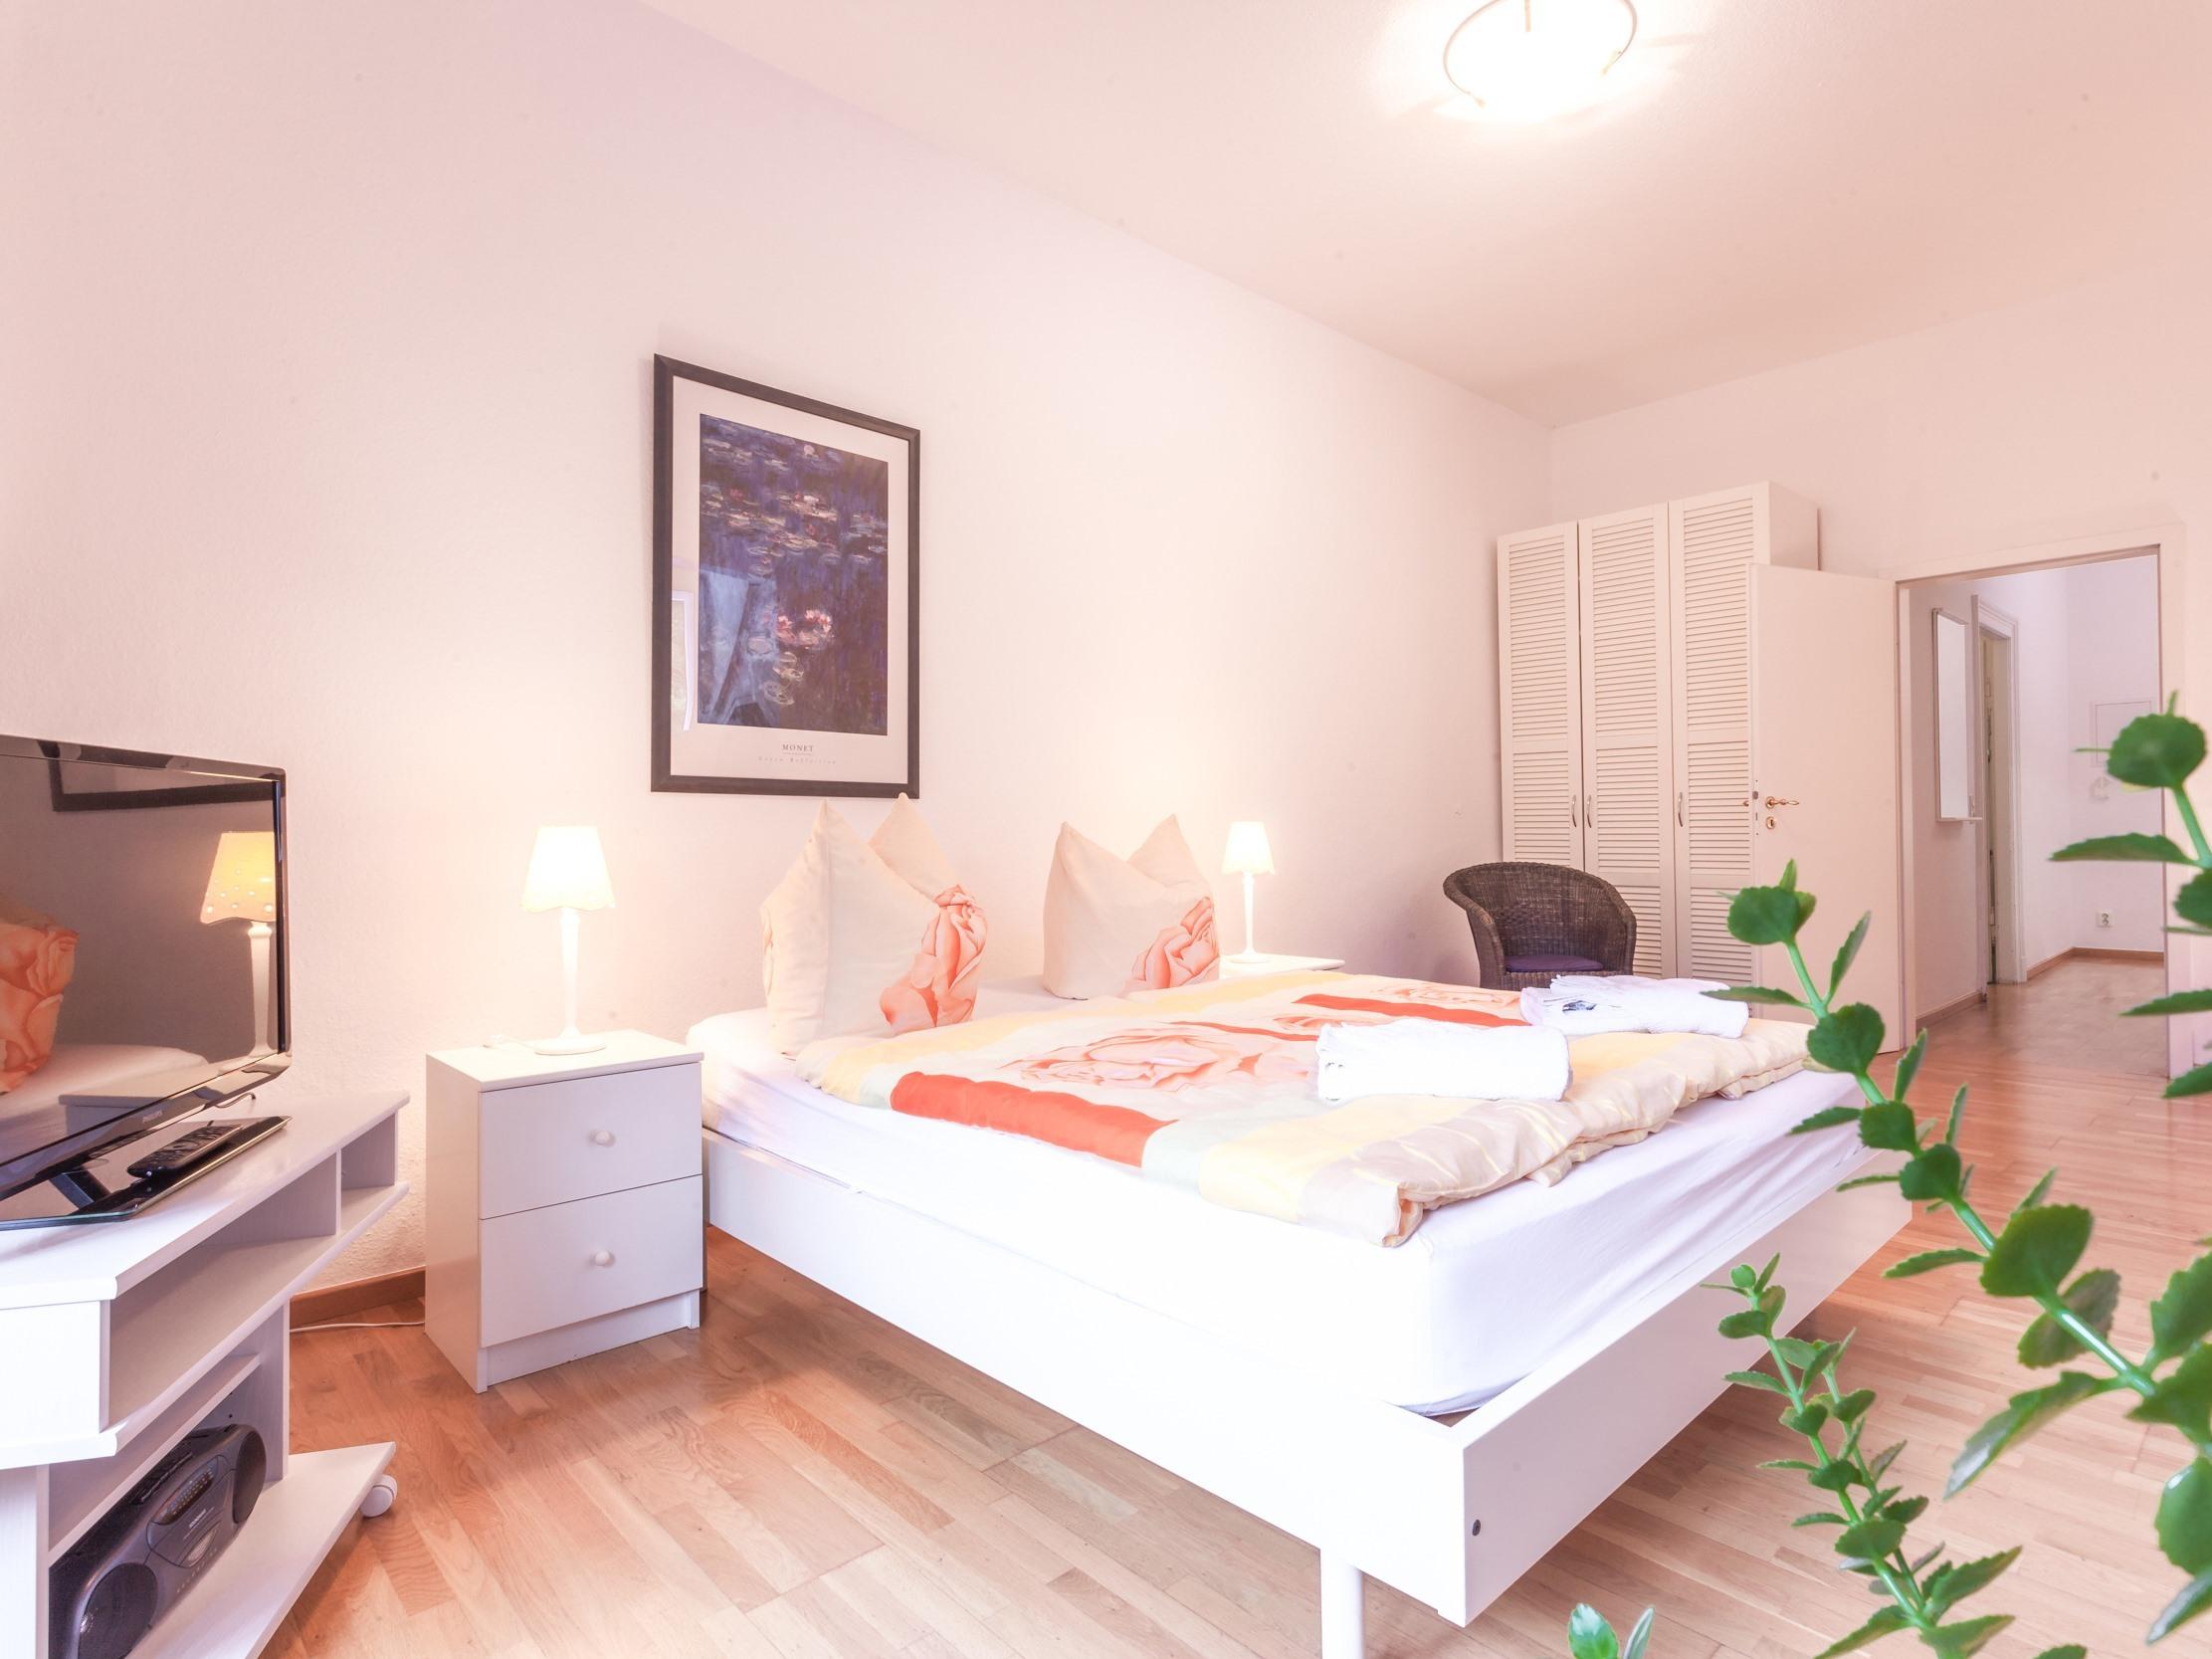 Apartment-Ensuite Dusche-App. 3 - OG - Standardpreis